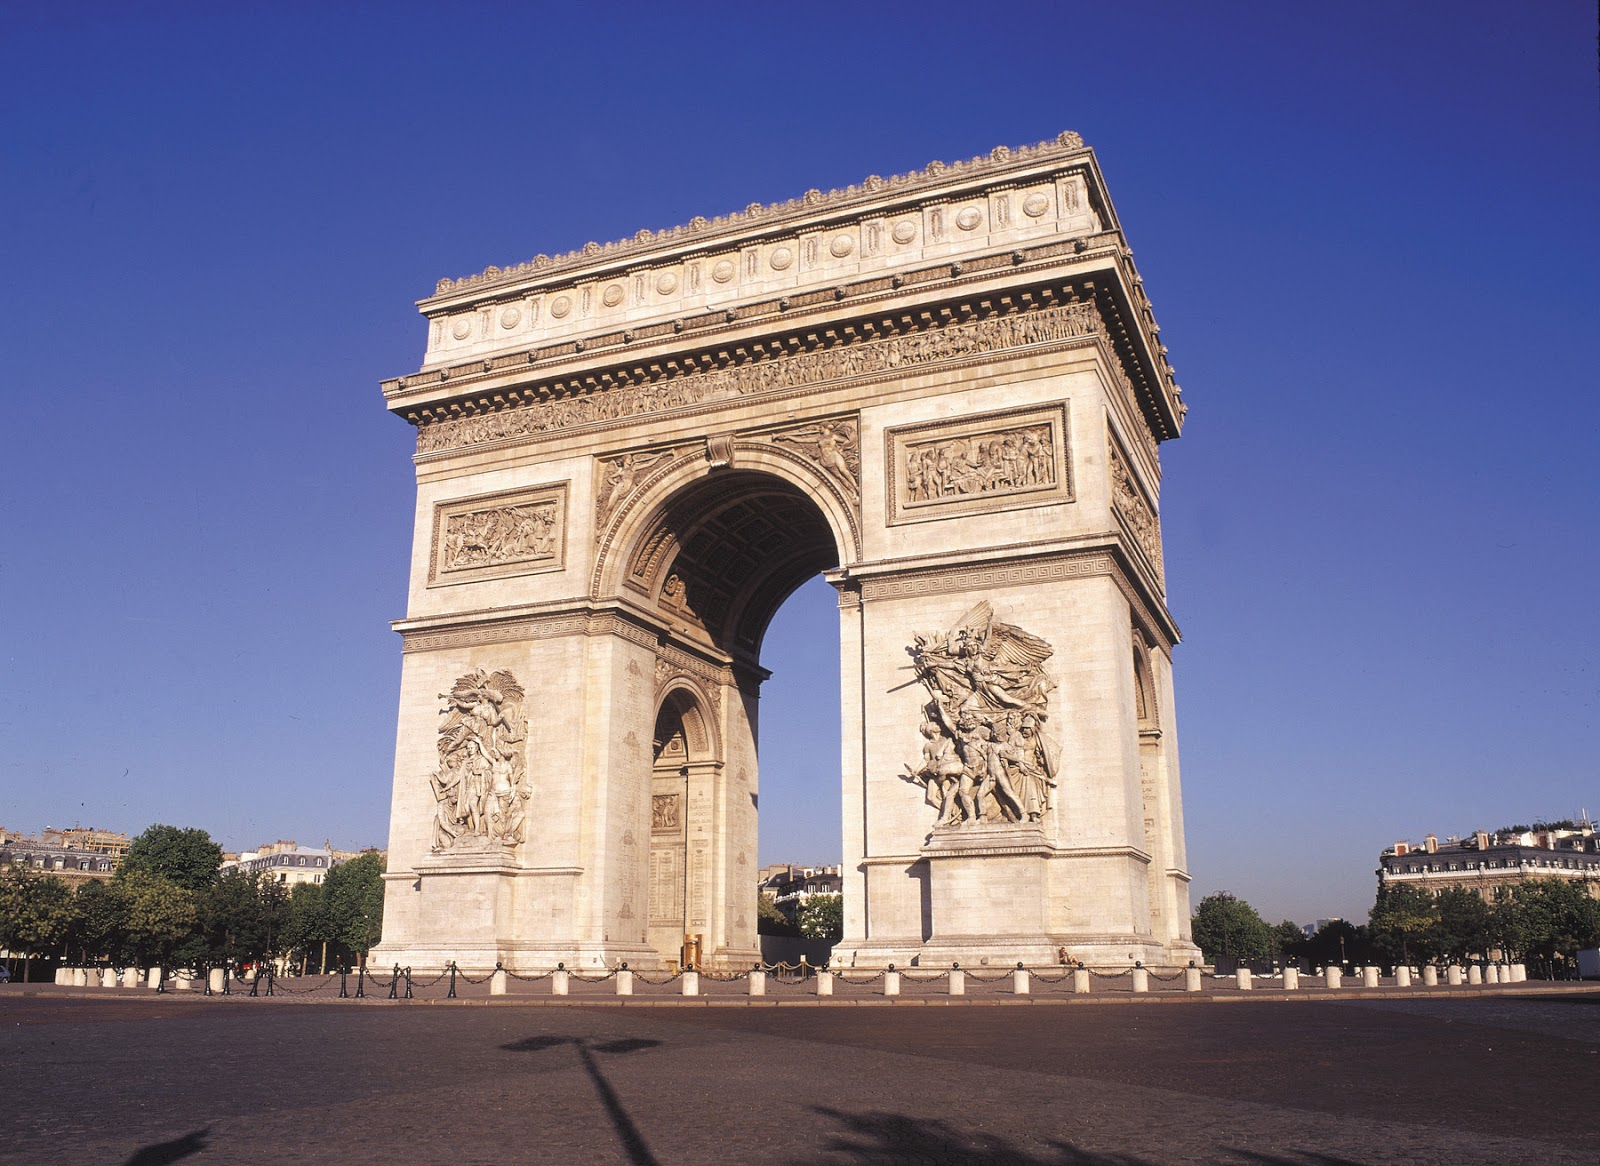 Los mejores lugares para visitar en francia viajeros for Lugares turisticos para visitar en espana